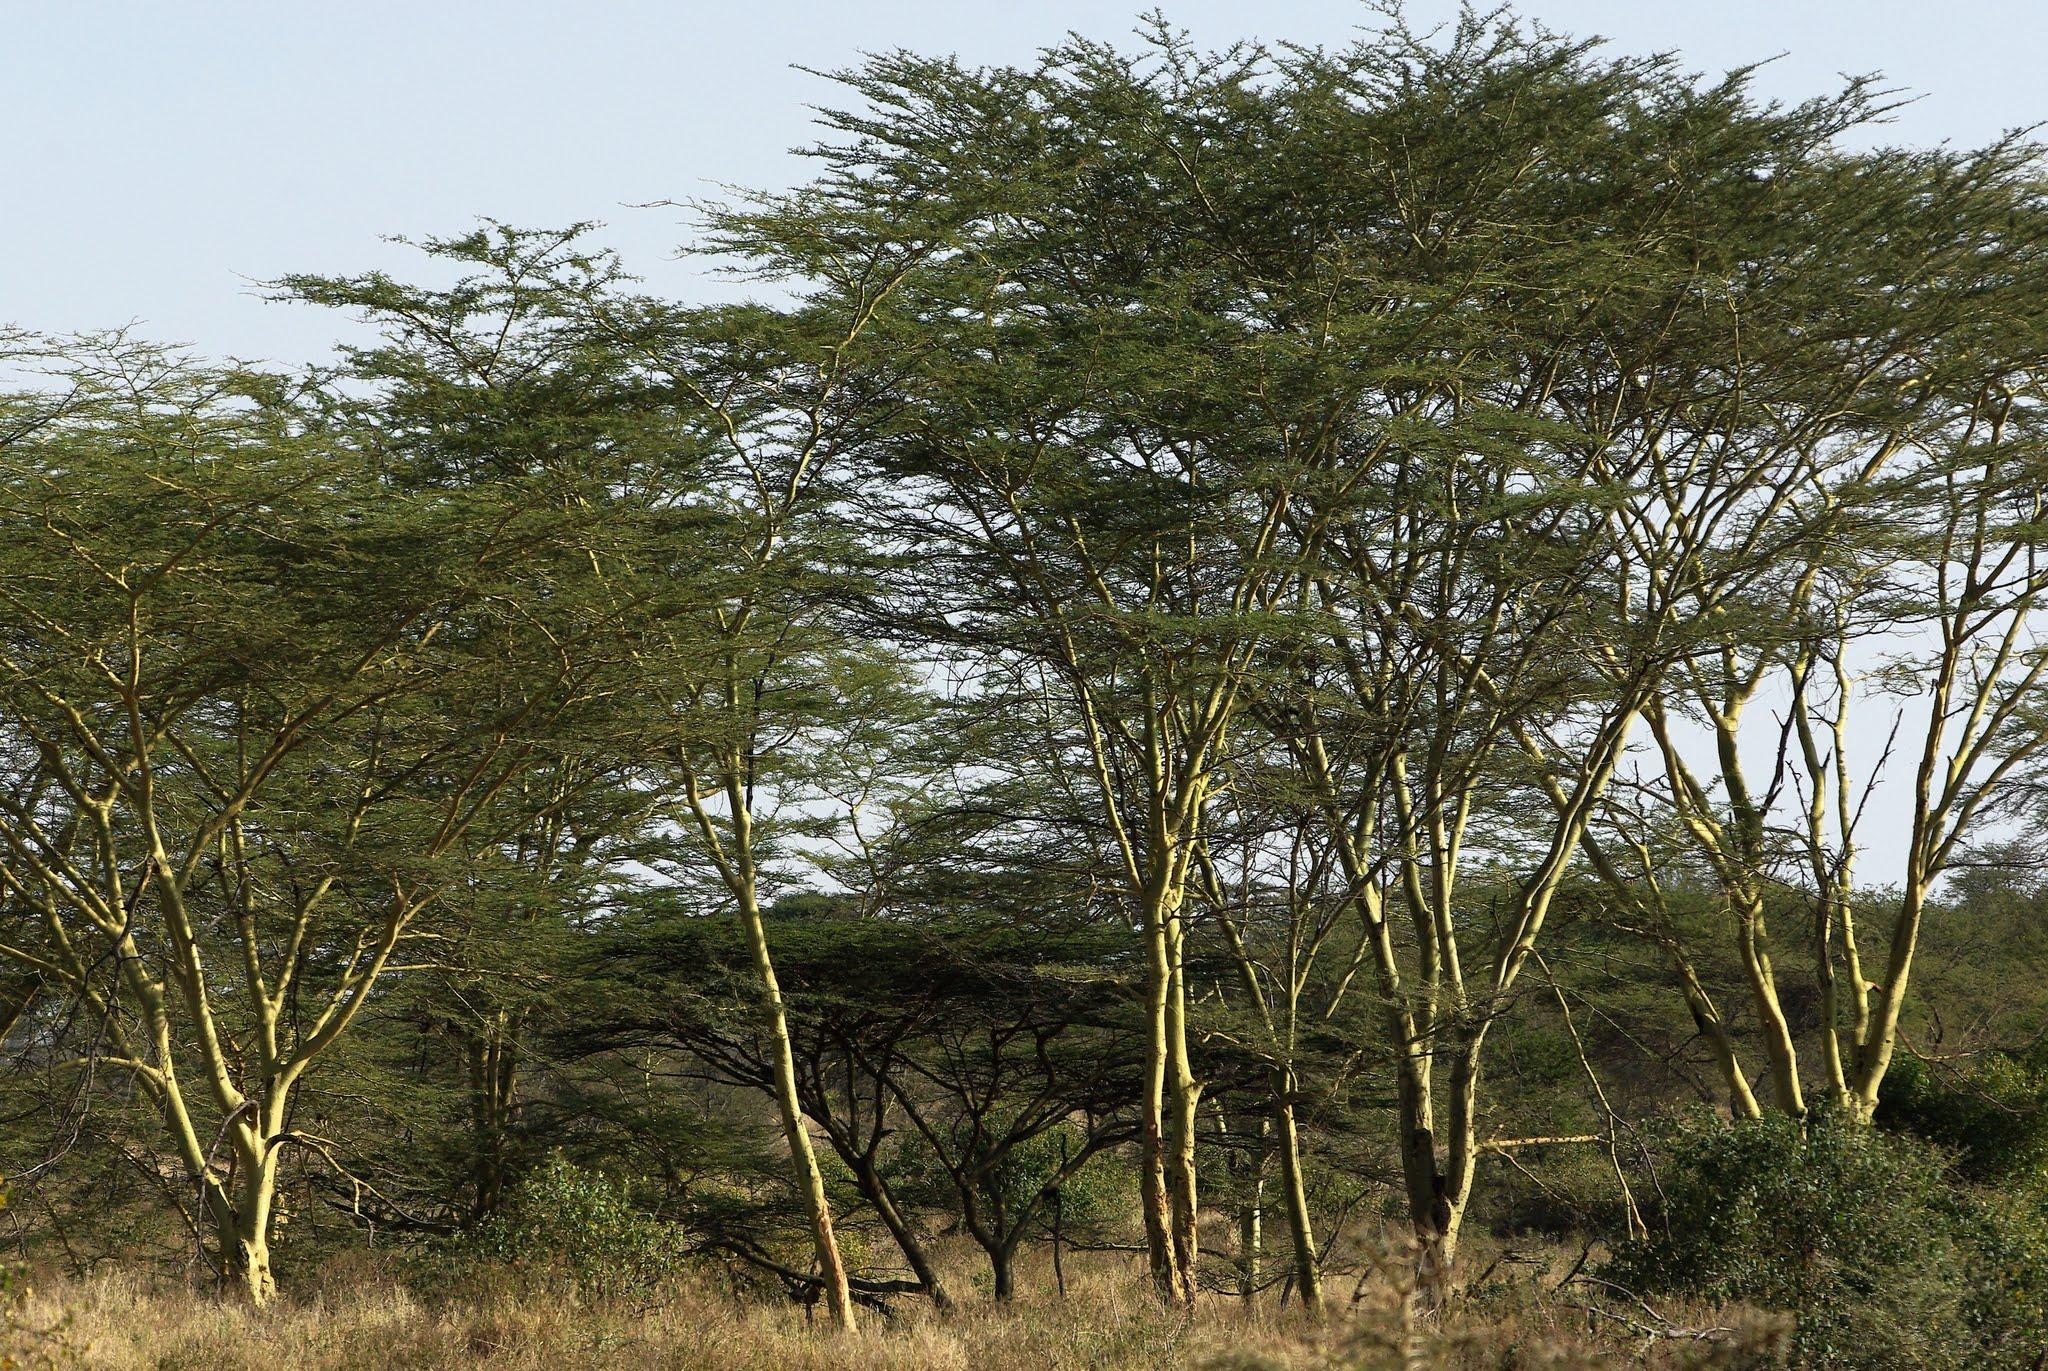 11-serengeti-06-08_dxo